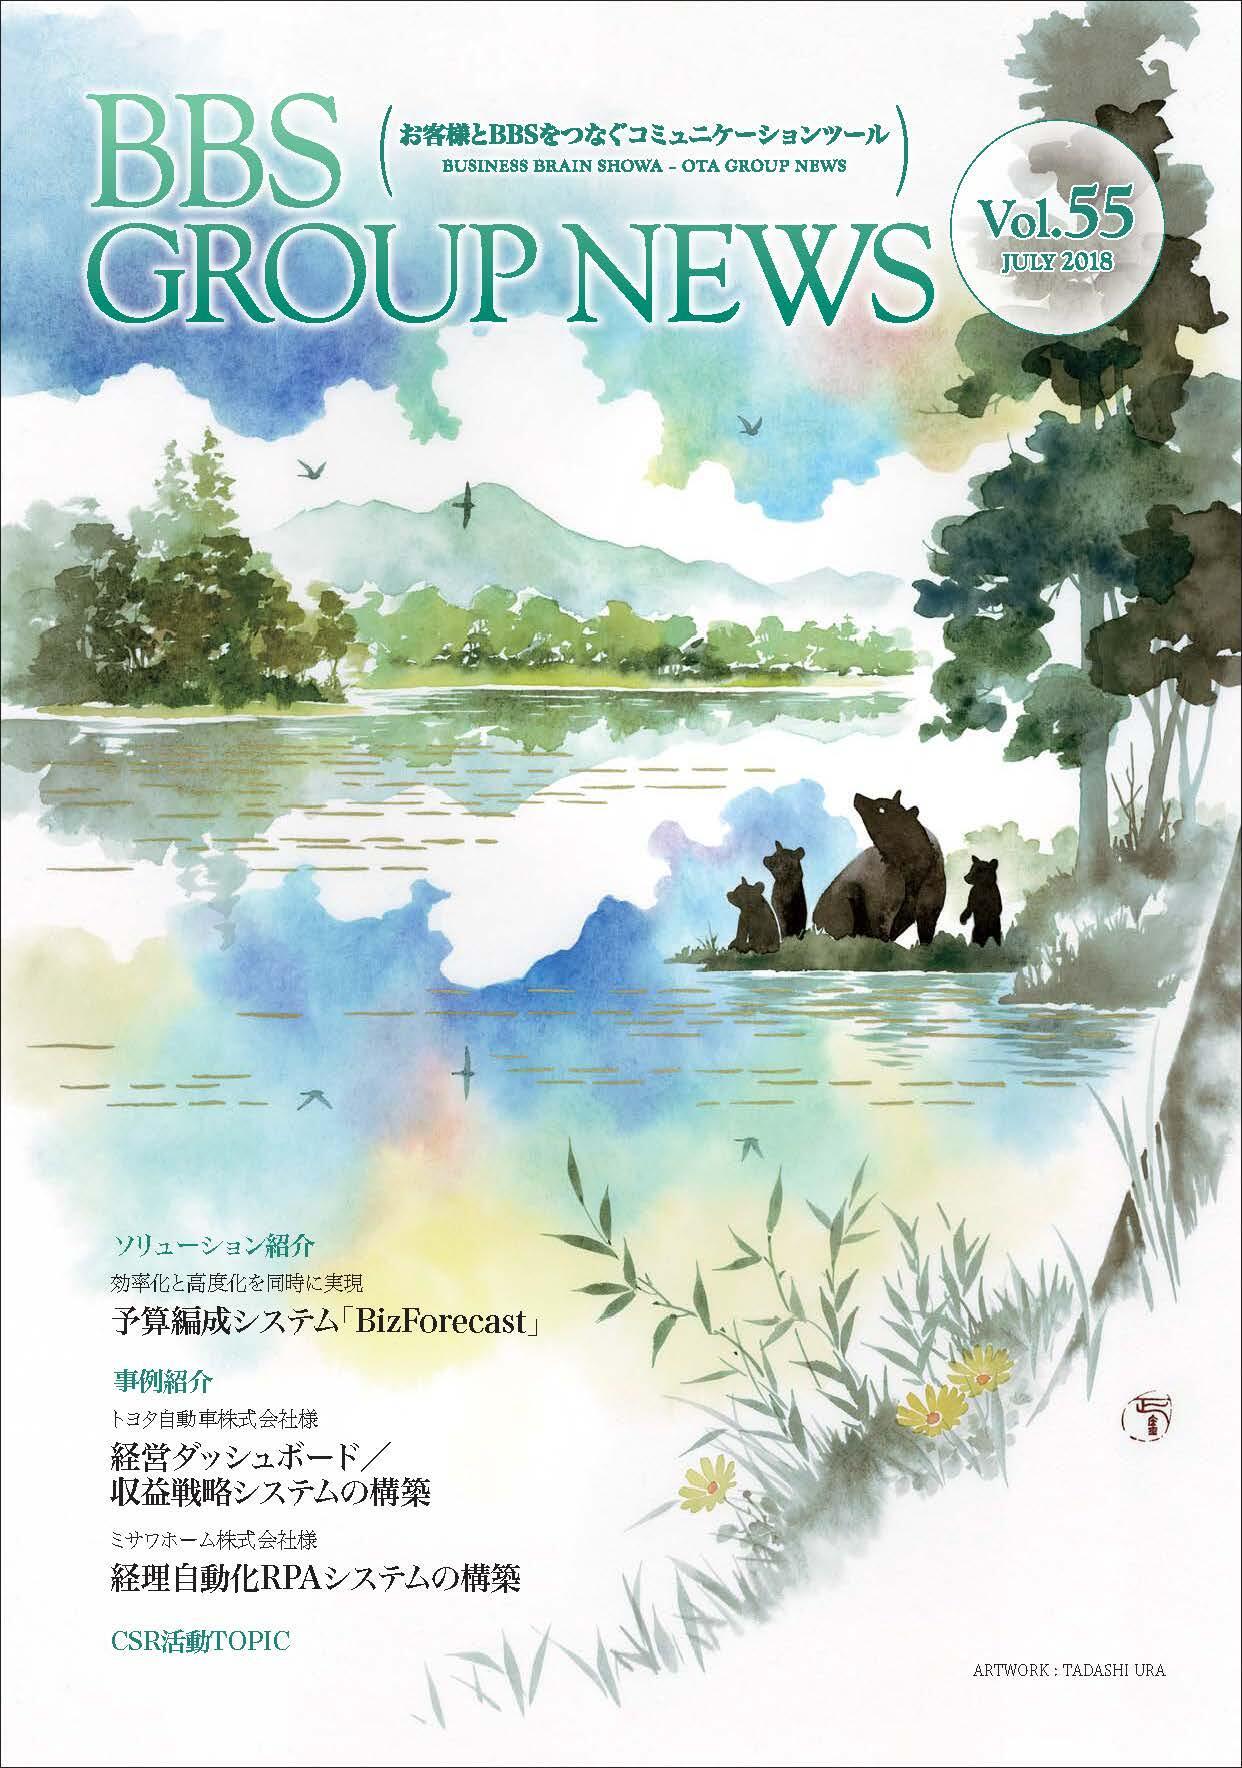 BBS Group News Vol.55を発行しました